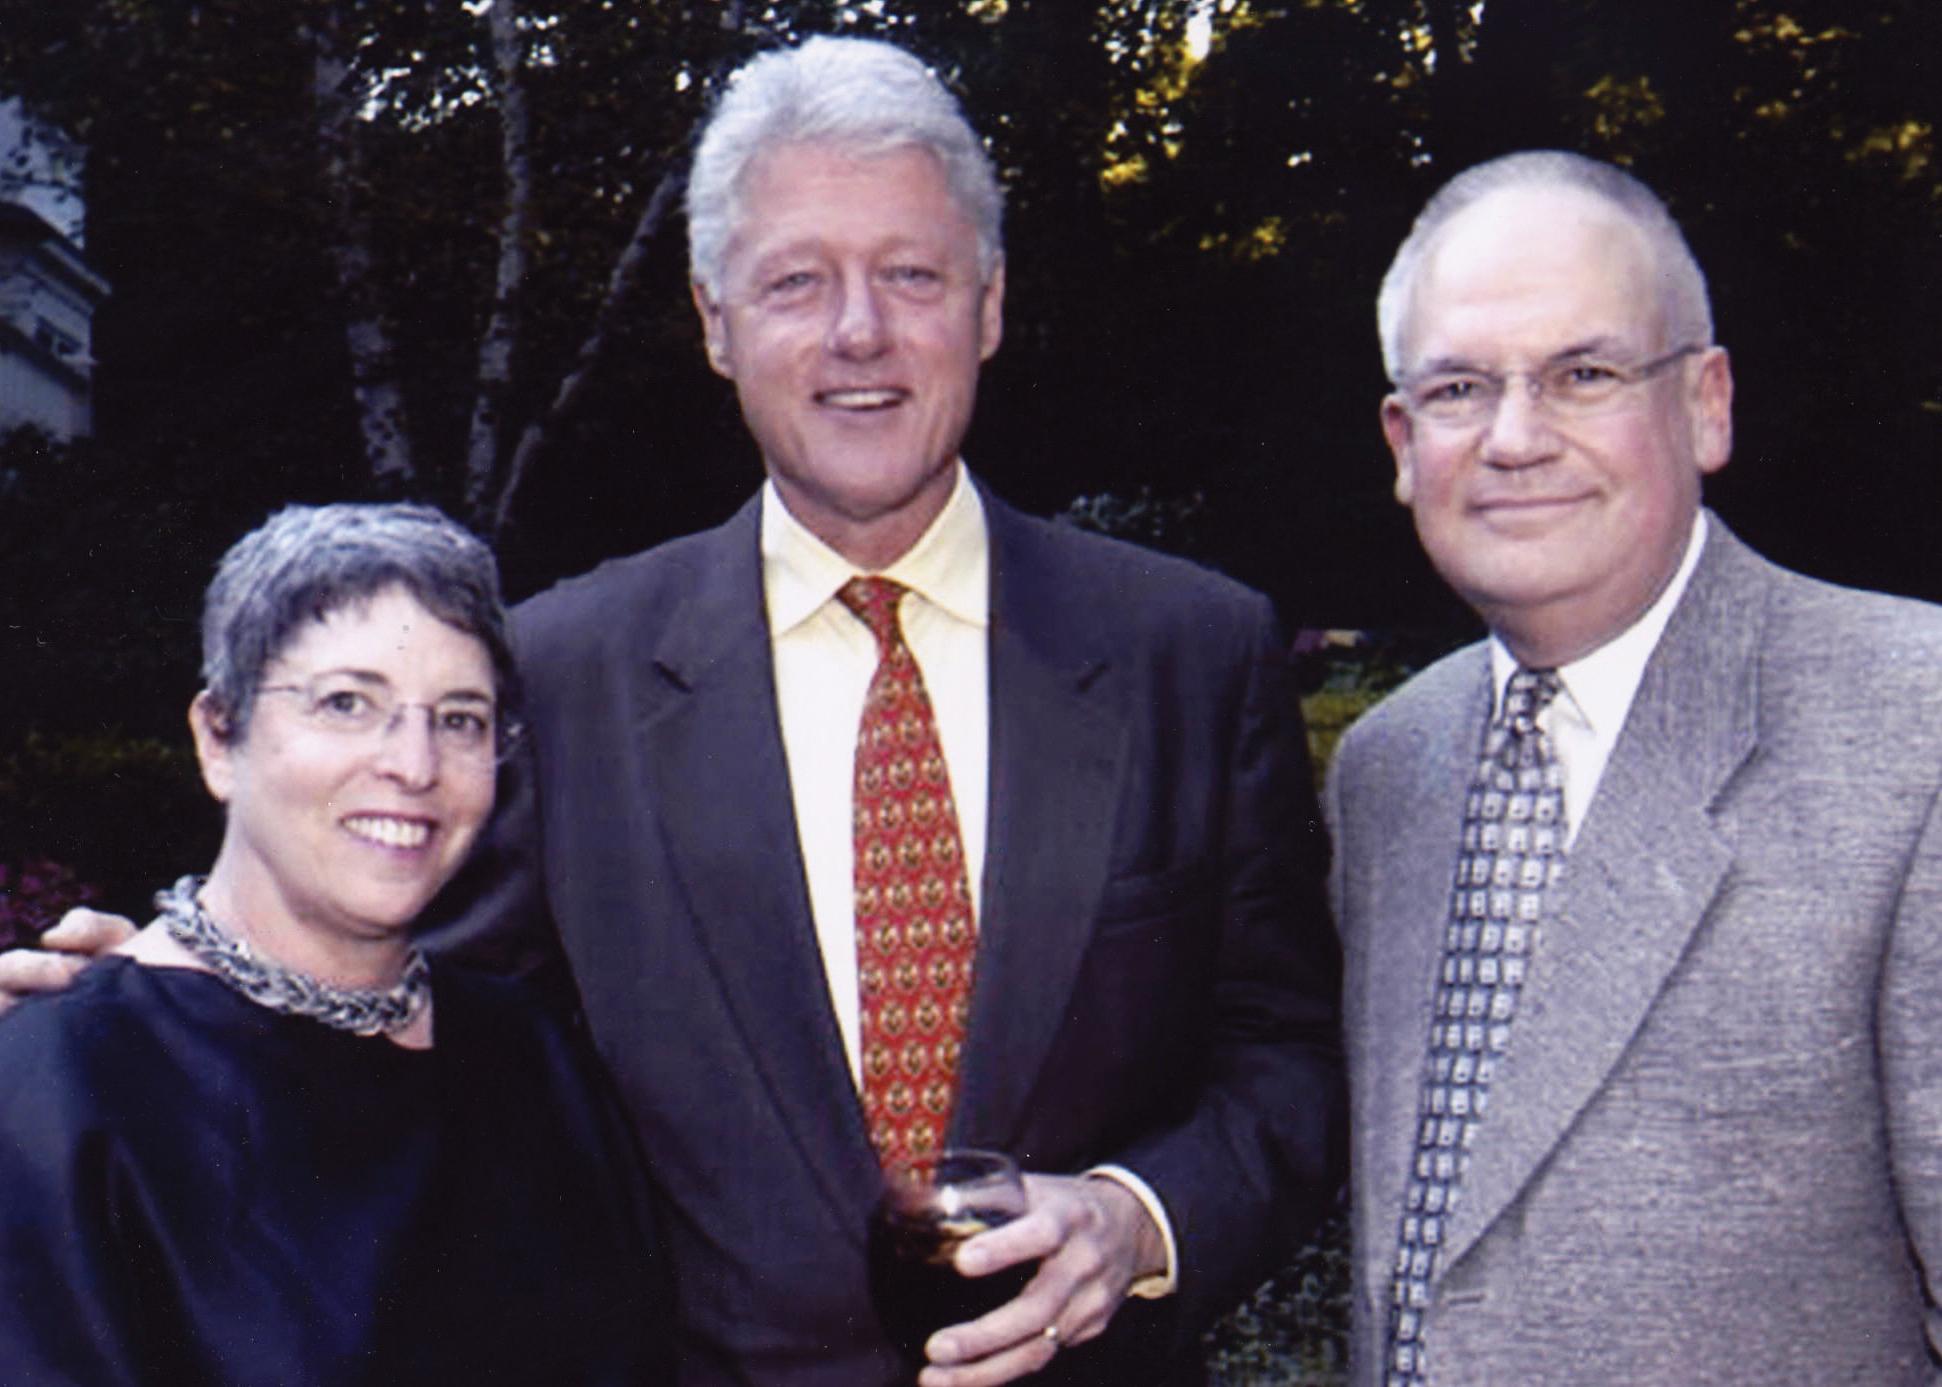 Rabbi O, Joyce & Bill Clinton from RO office